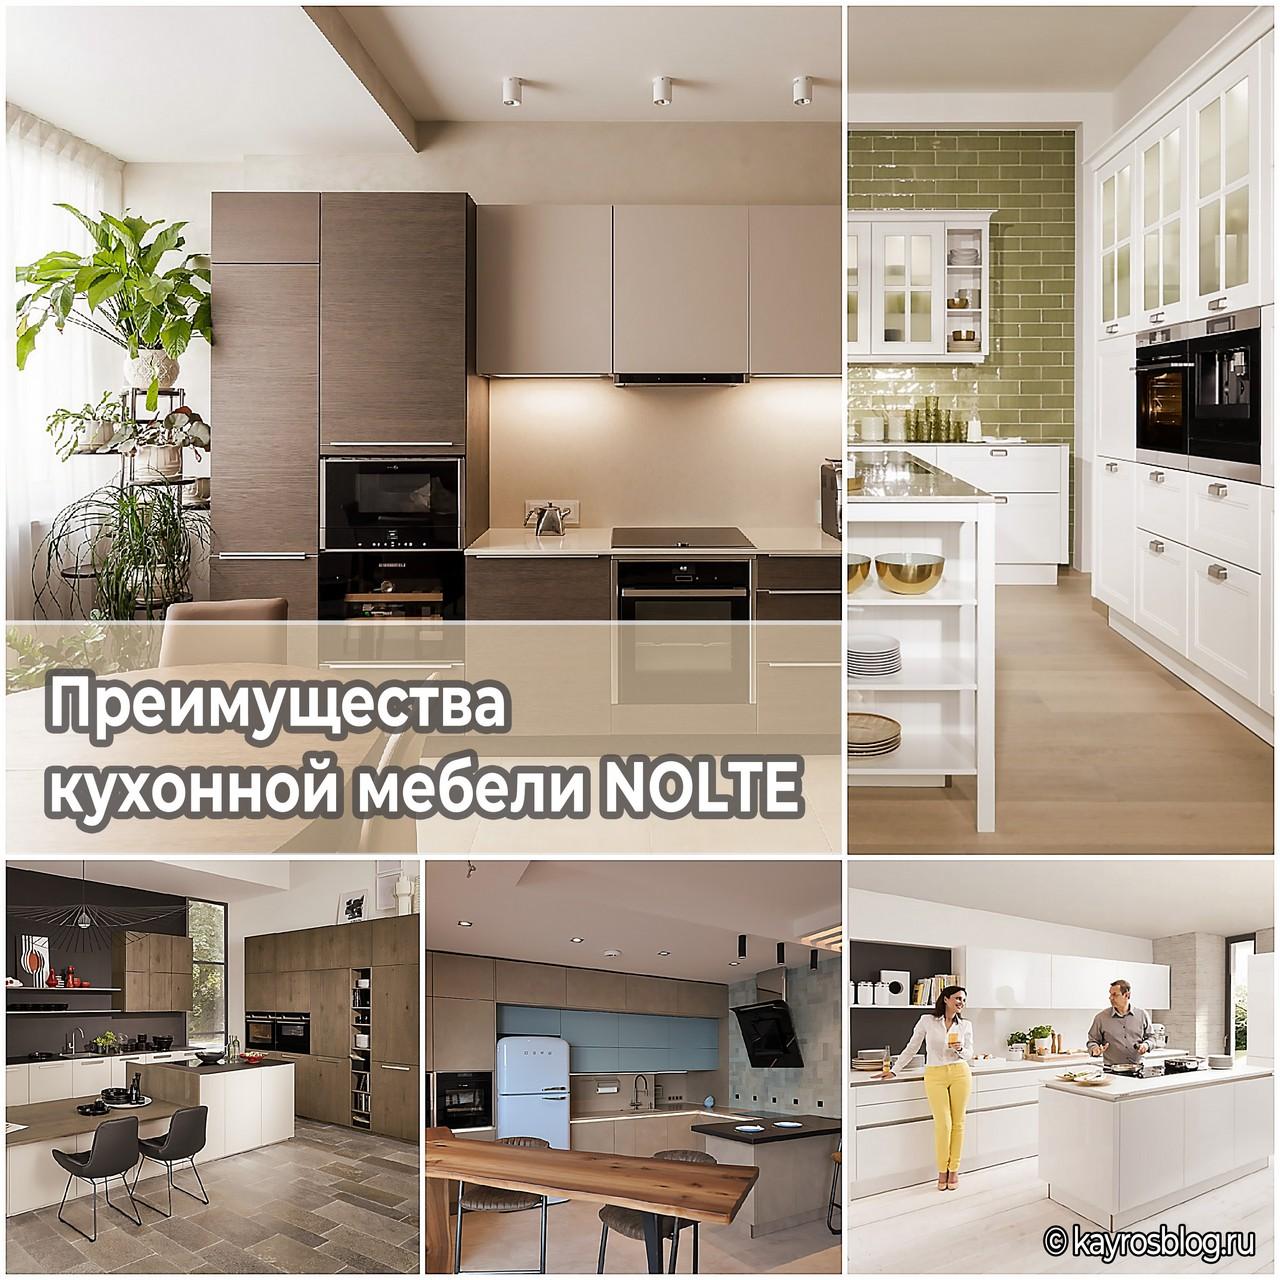 Кухонная мебель NOLTE - преимущества и свойства